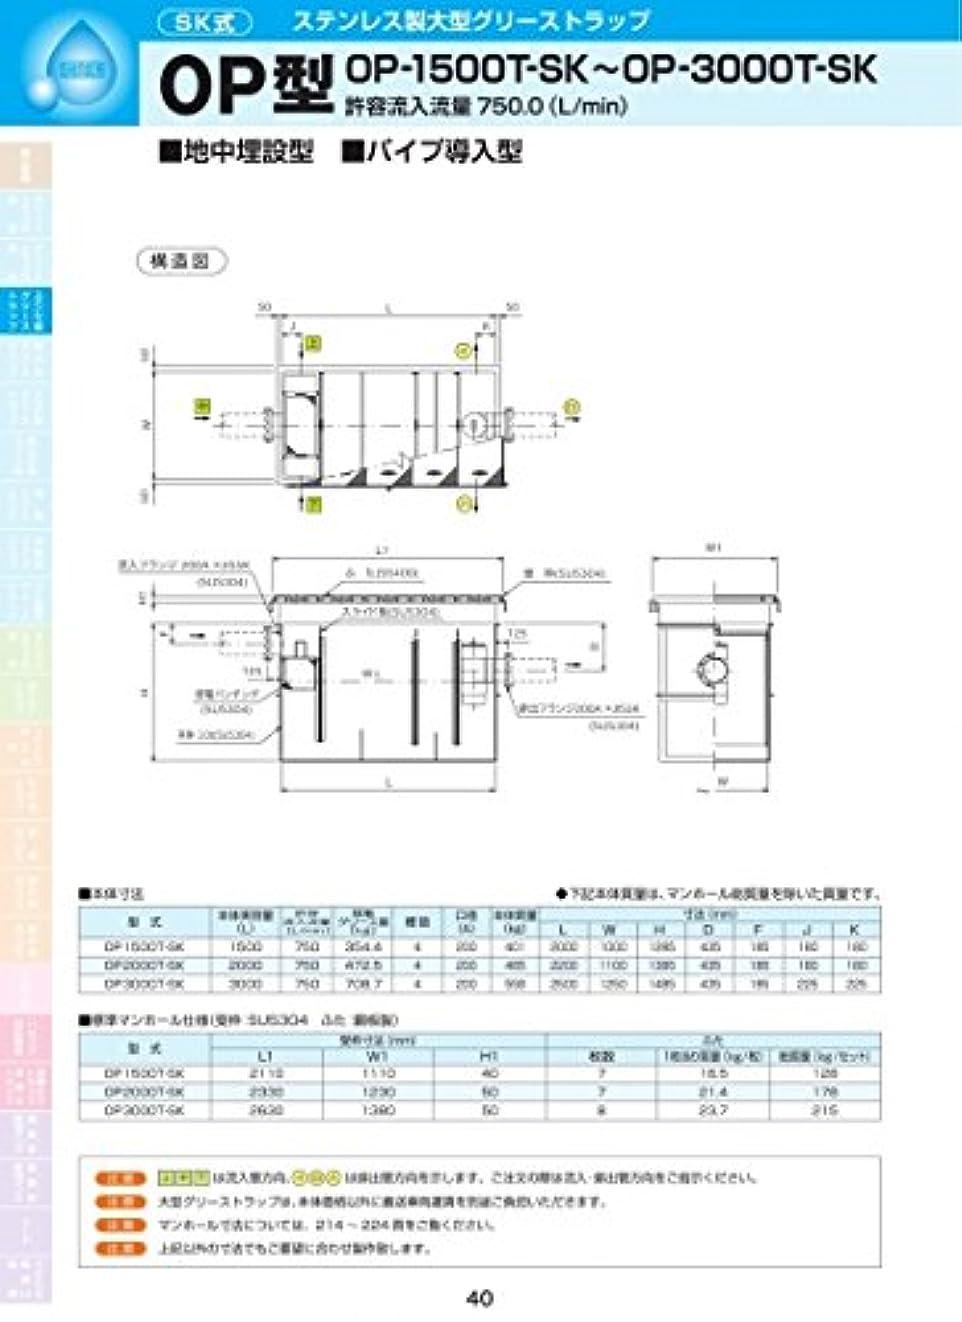 理解不正確ケーブルカーOP型 OP3000T-SK 耐荷重蓋仕様セット(マンホール枠:ステンレス/蓋:SS400) T-14